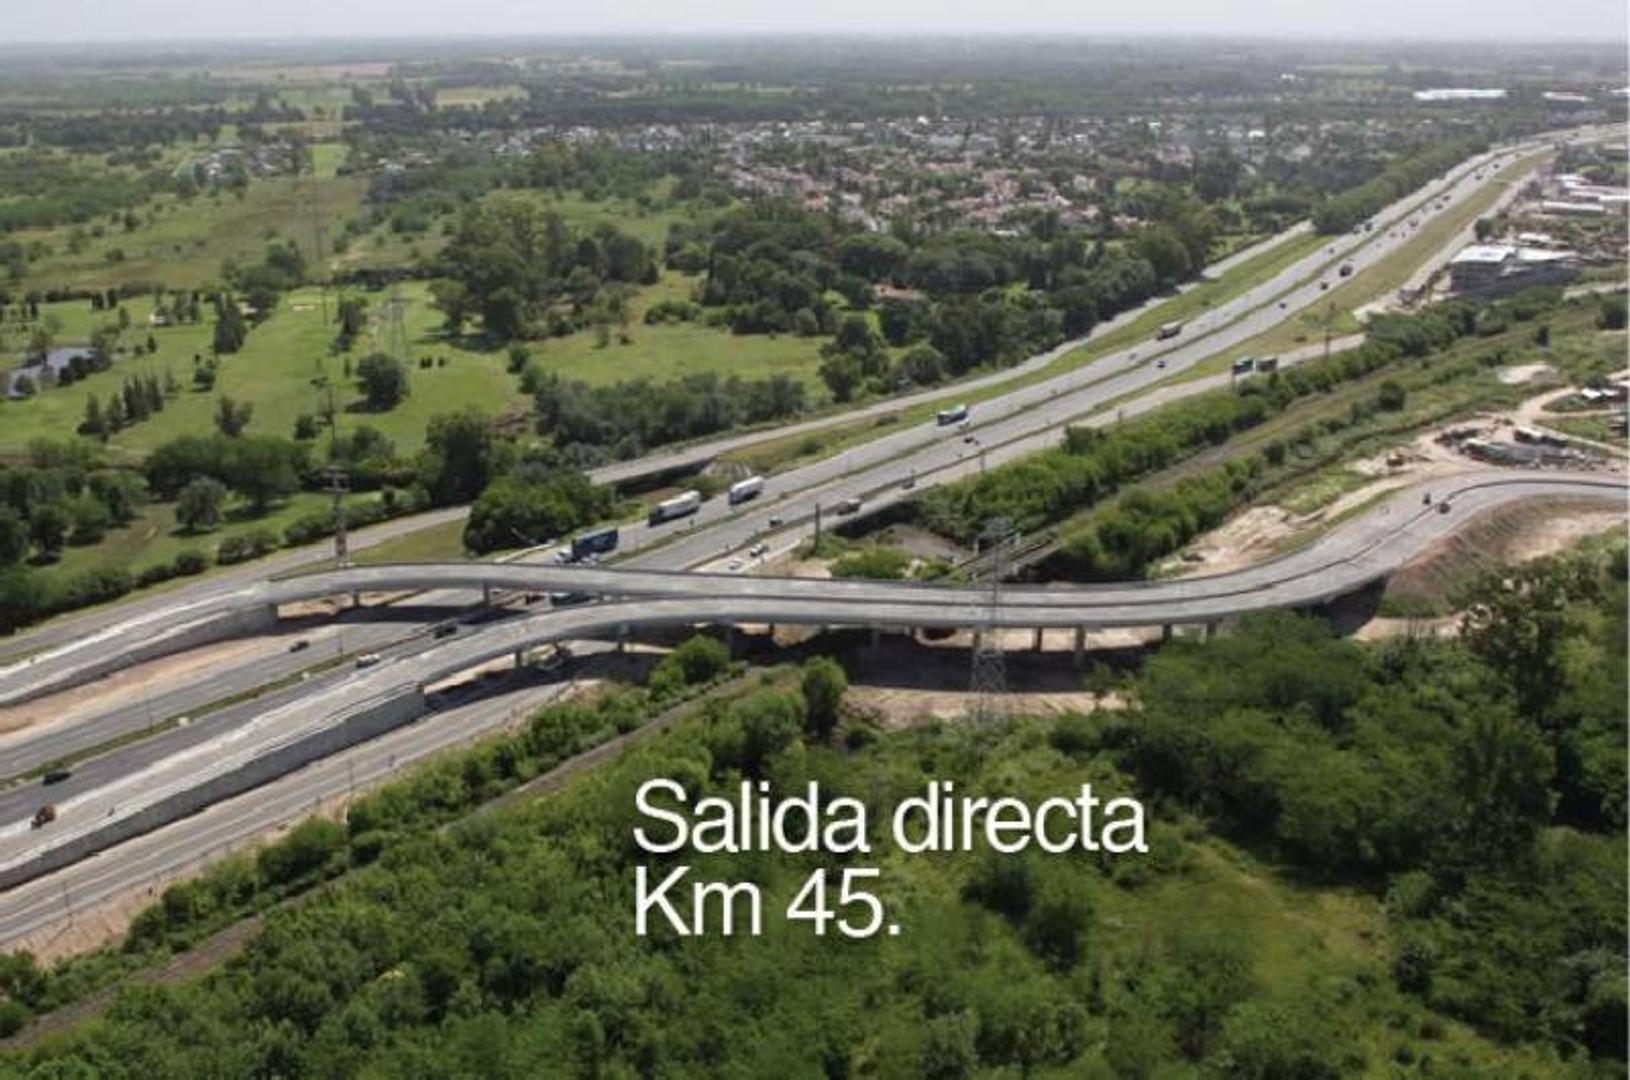 PUERTOS - BARRIO ARAUCAURIAS - RAMAL ESCOBAR KM 45 - LOTE 179 100